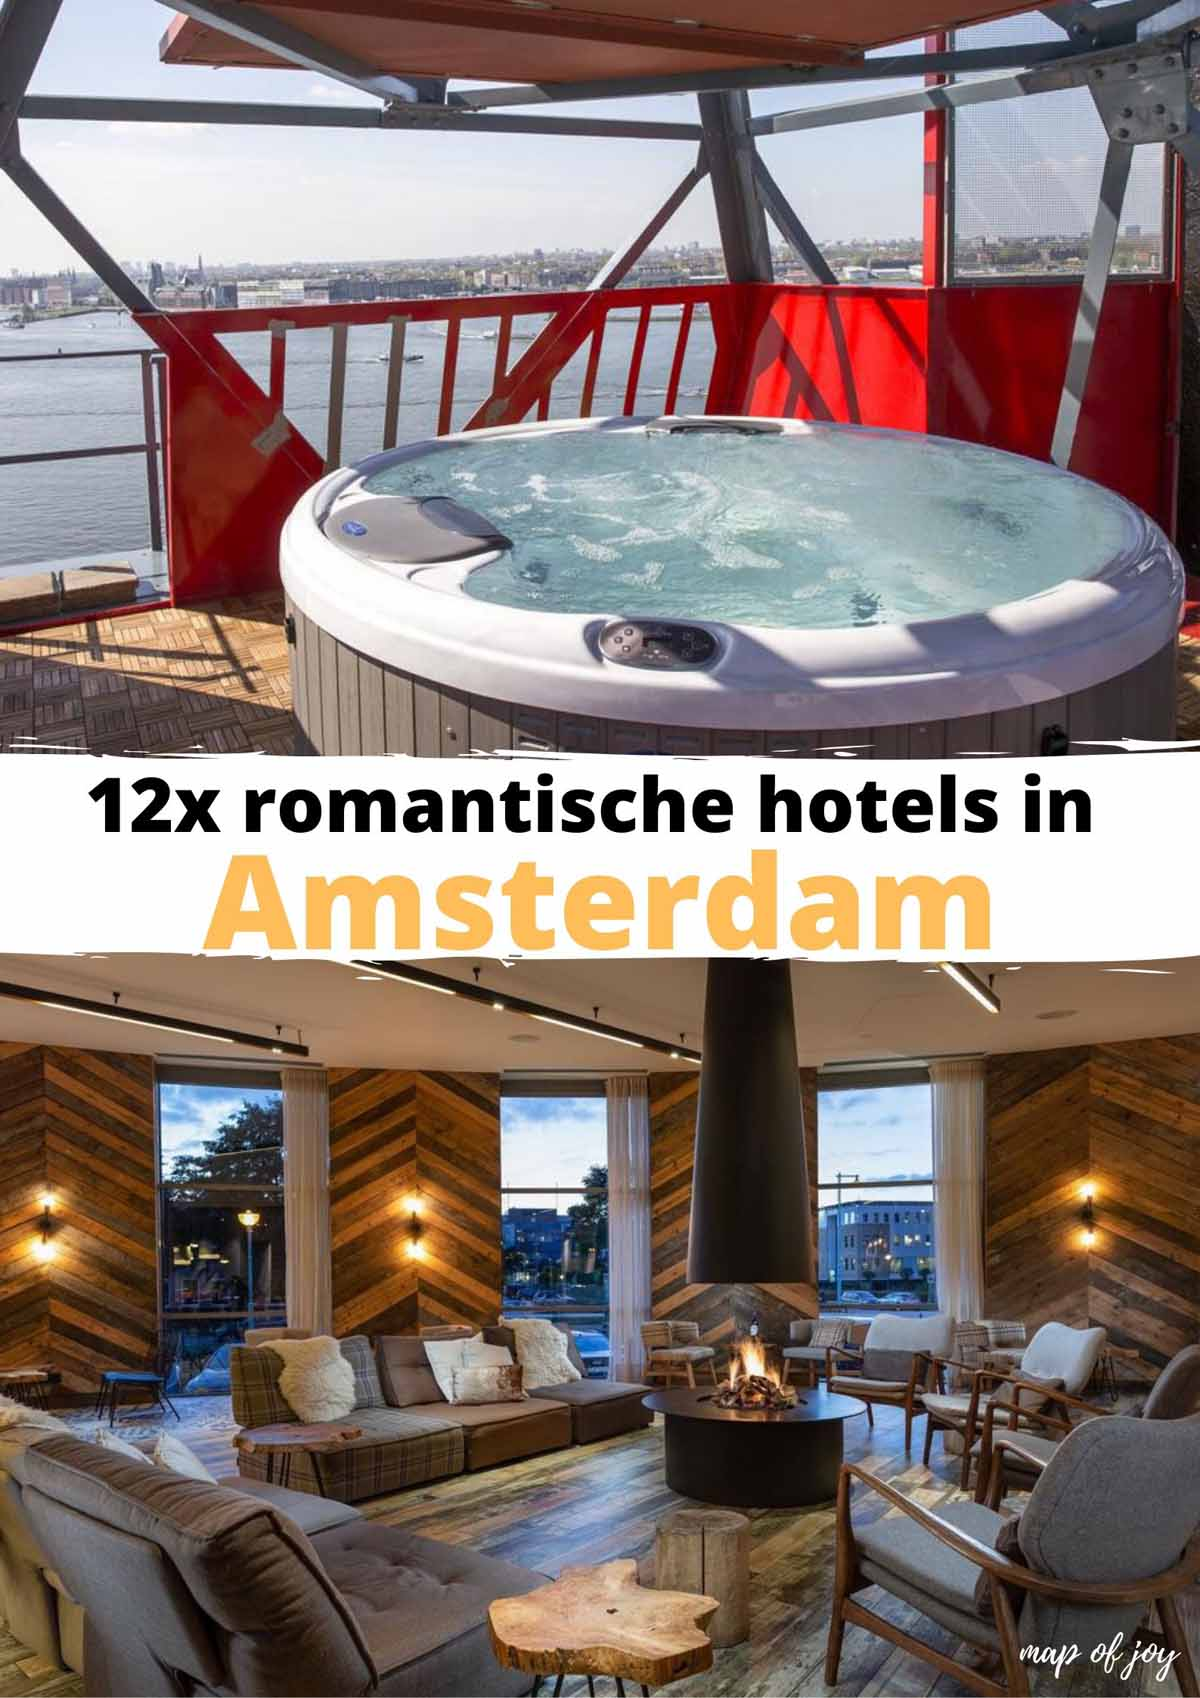 12x romantische hotels in Amsterdam